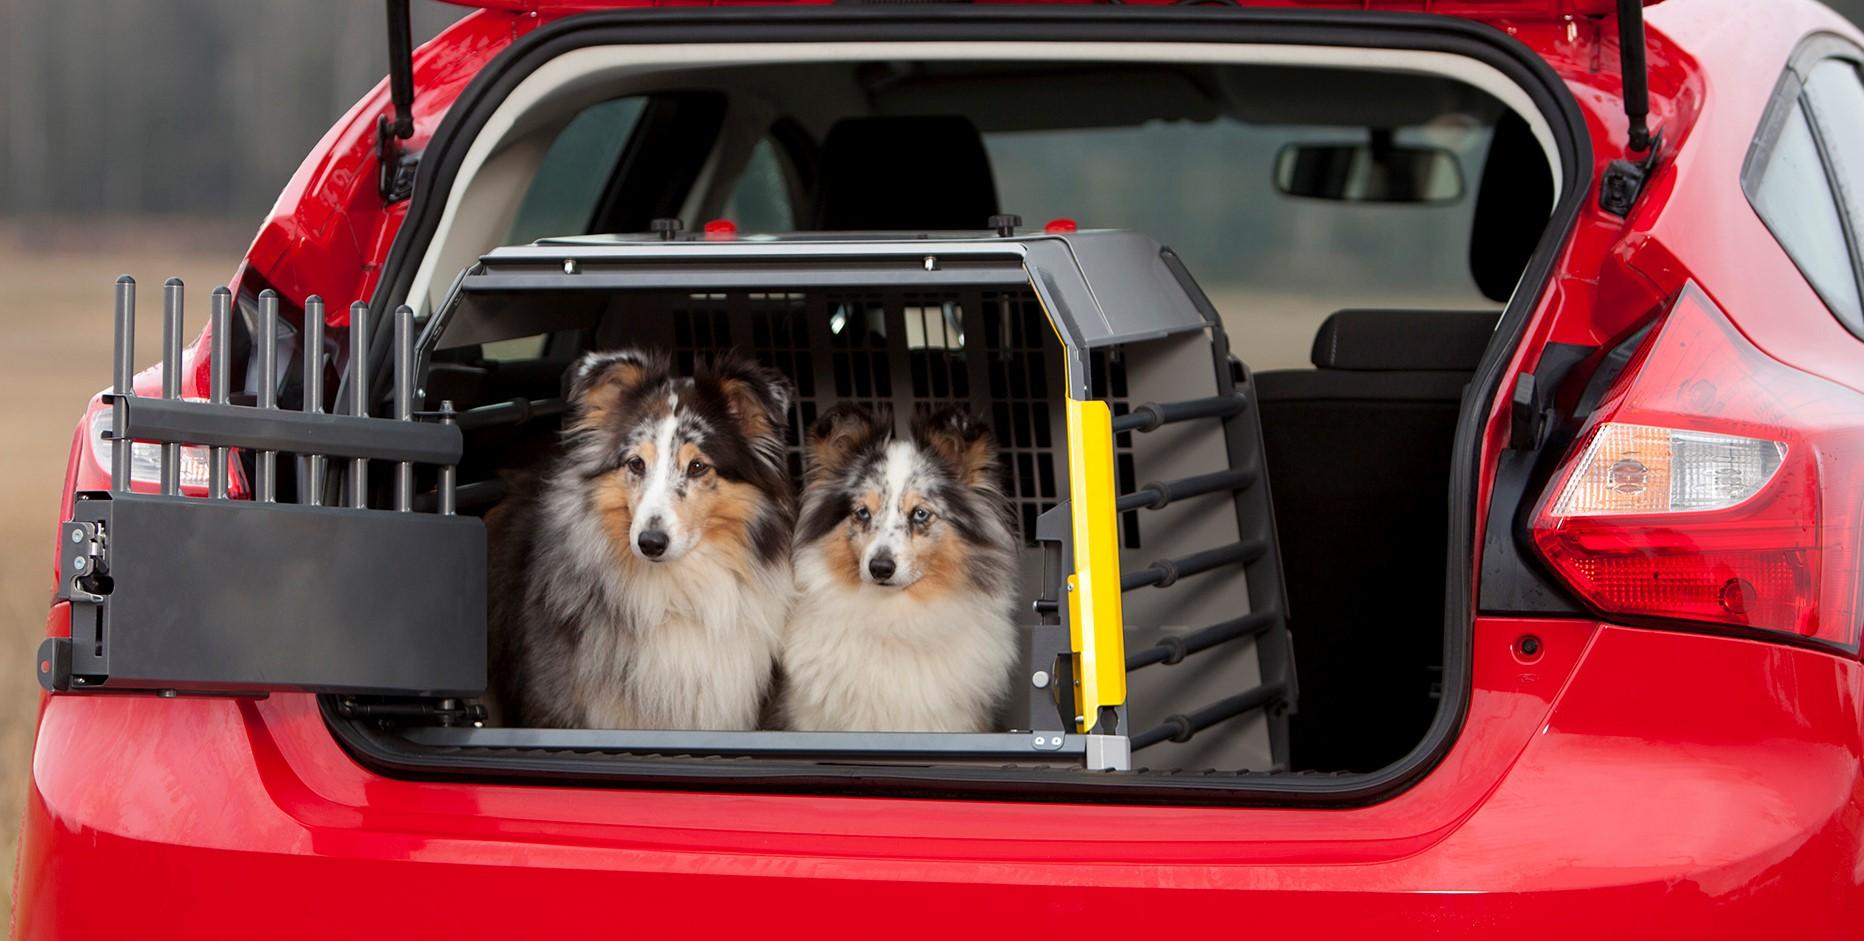 Cestování se psem. Zvykne si vůbec na klec?